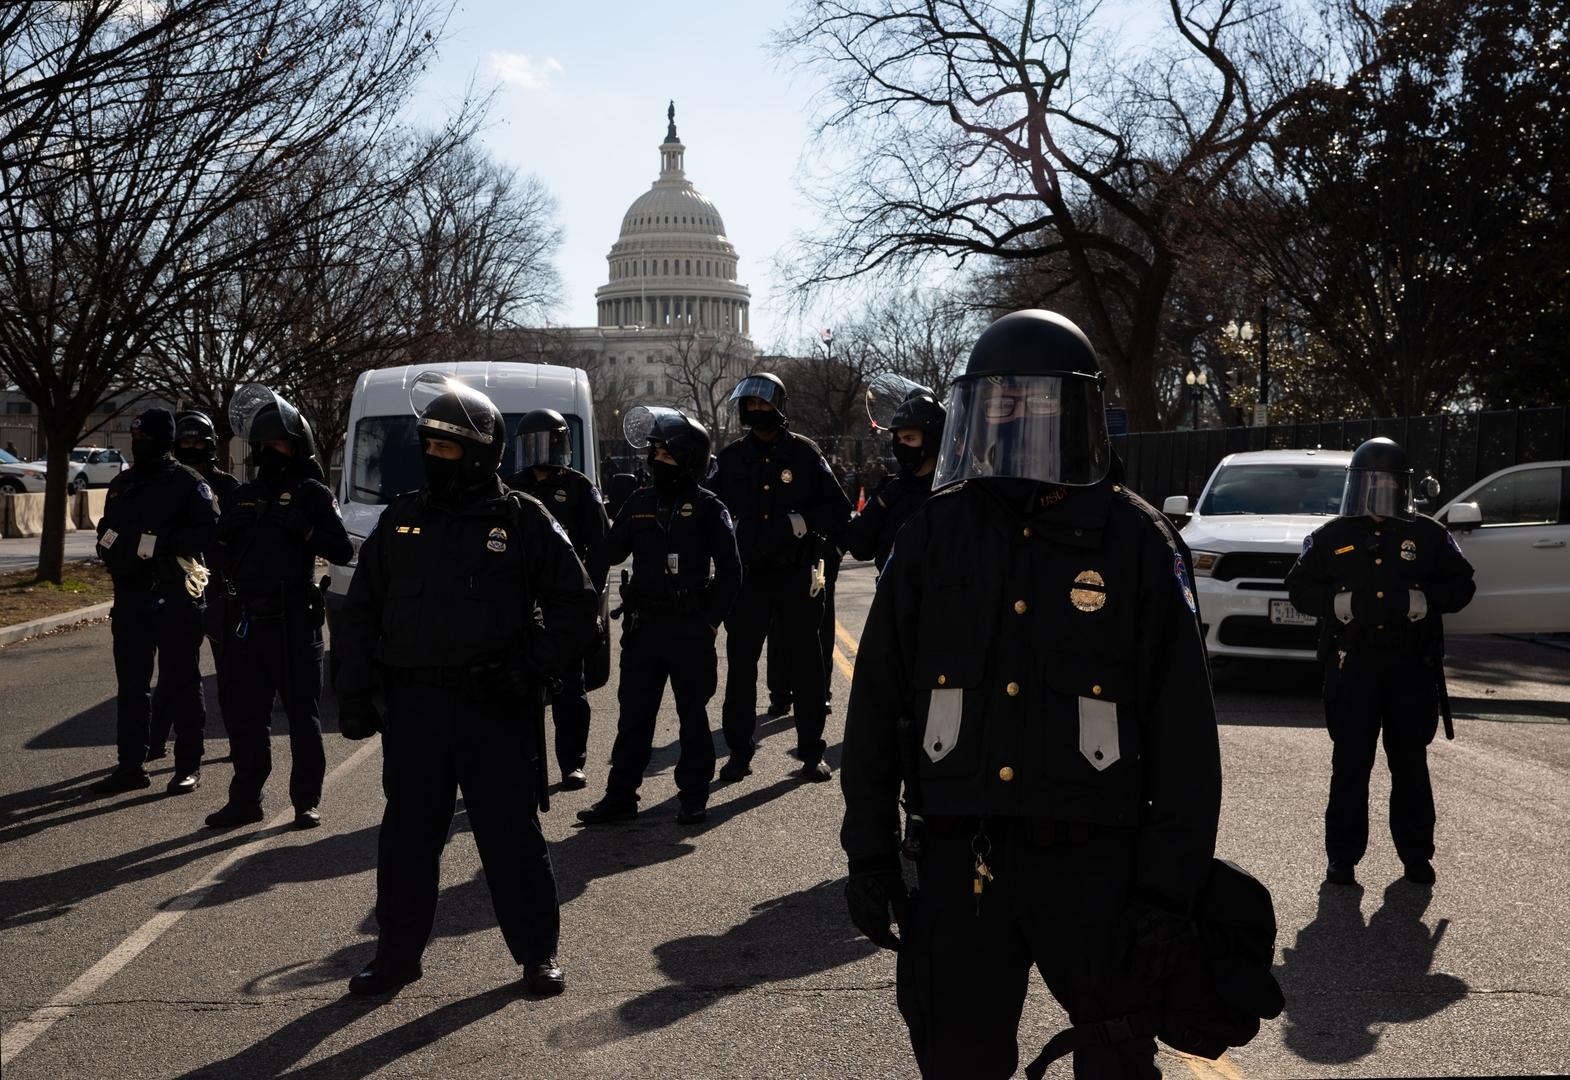 الولايات المتحدة.. اعتقال 4 أشخاص بمحيط مبنى الكابيتول في واشنطن